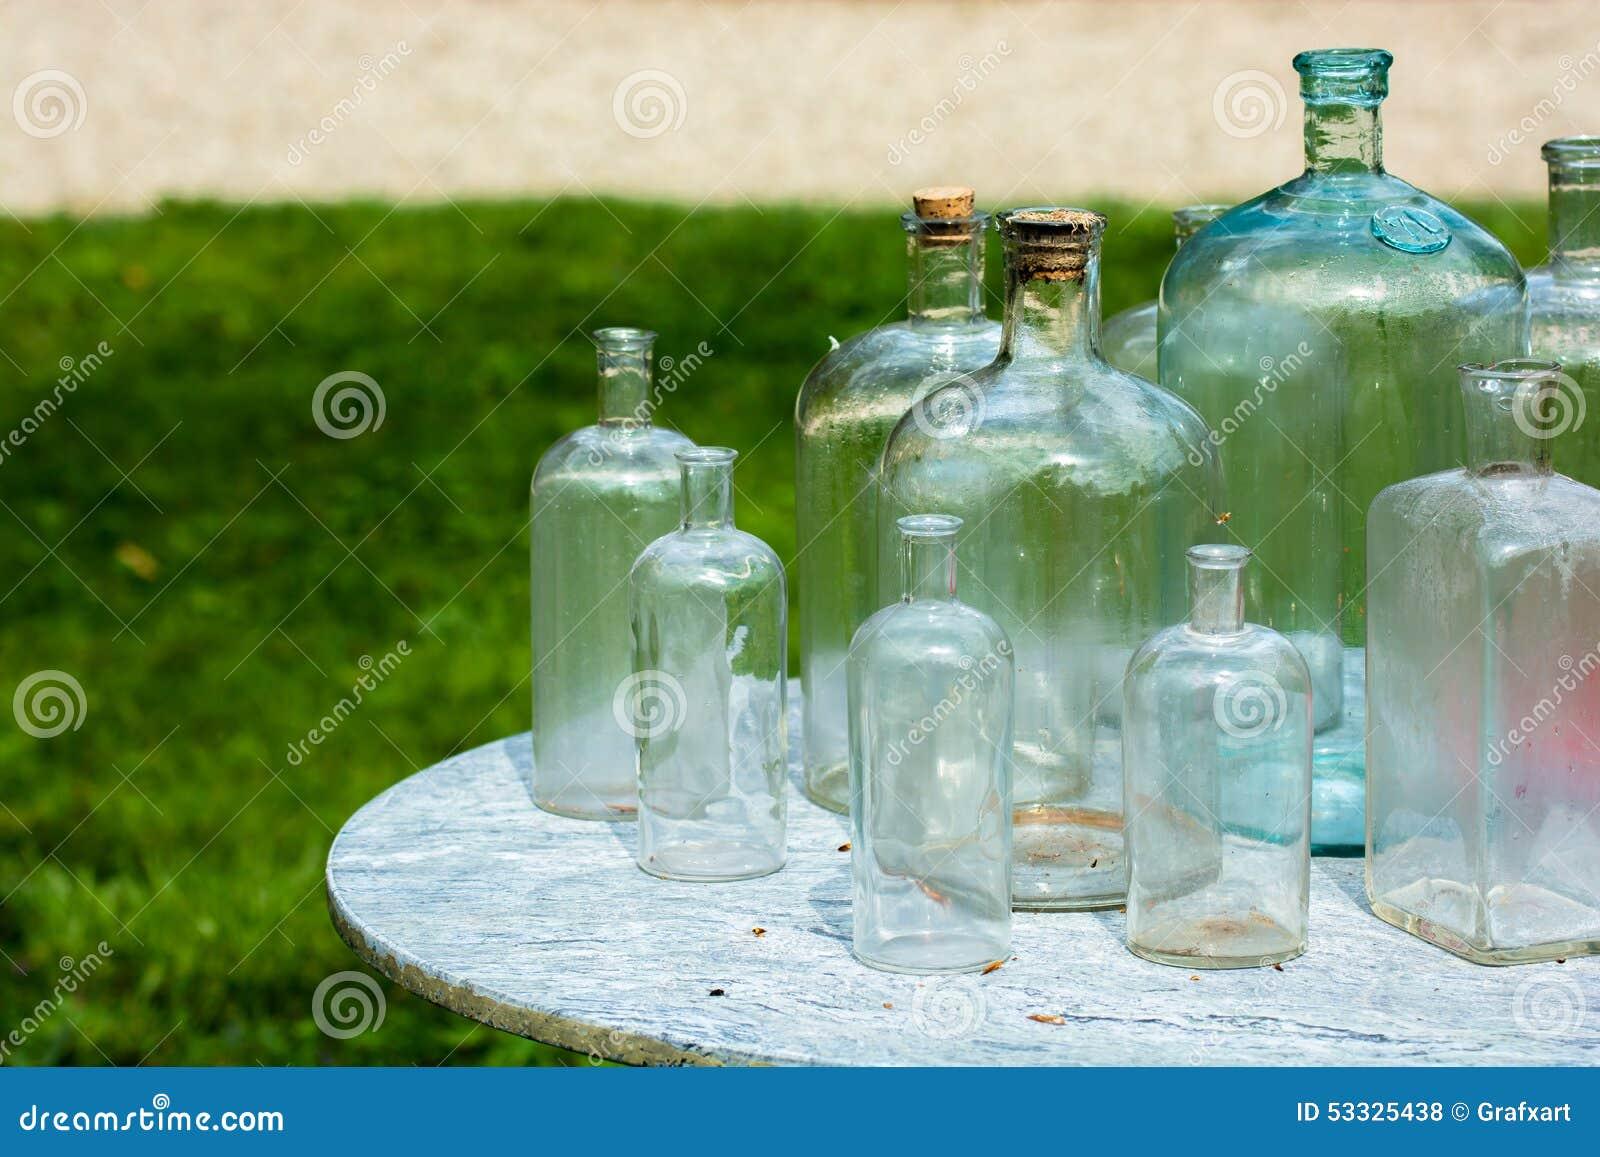 alte glasflaschen auf tabelle stockfoto bild von gr e verkauf 53325438. Black Bedroom Furniture Sets. Home Design Ideas